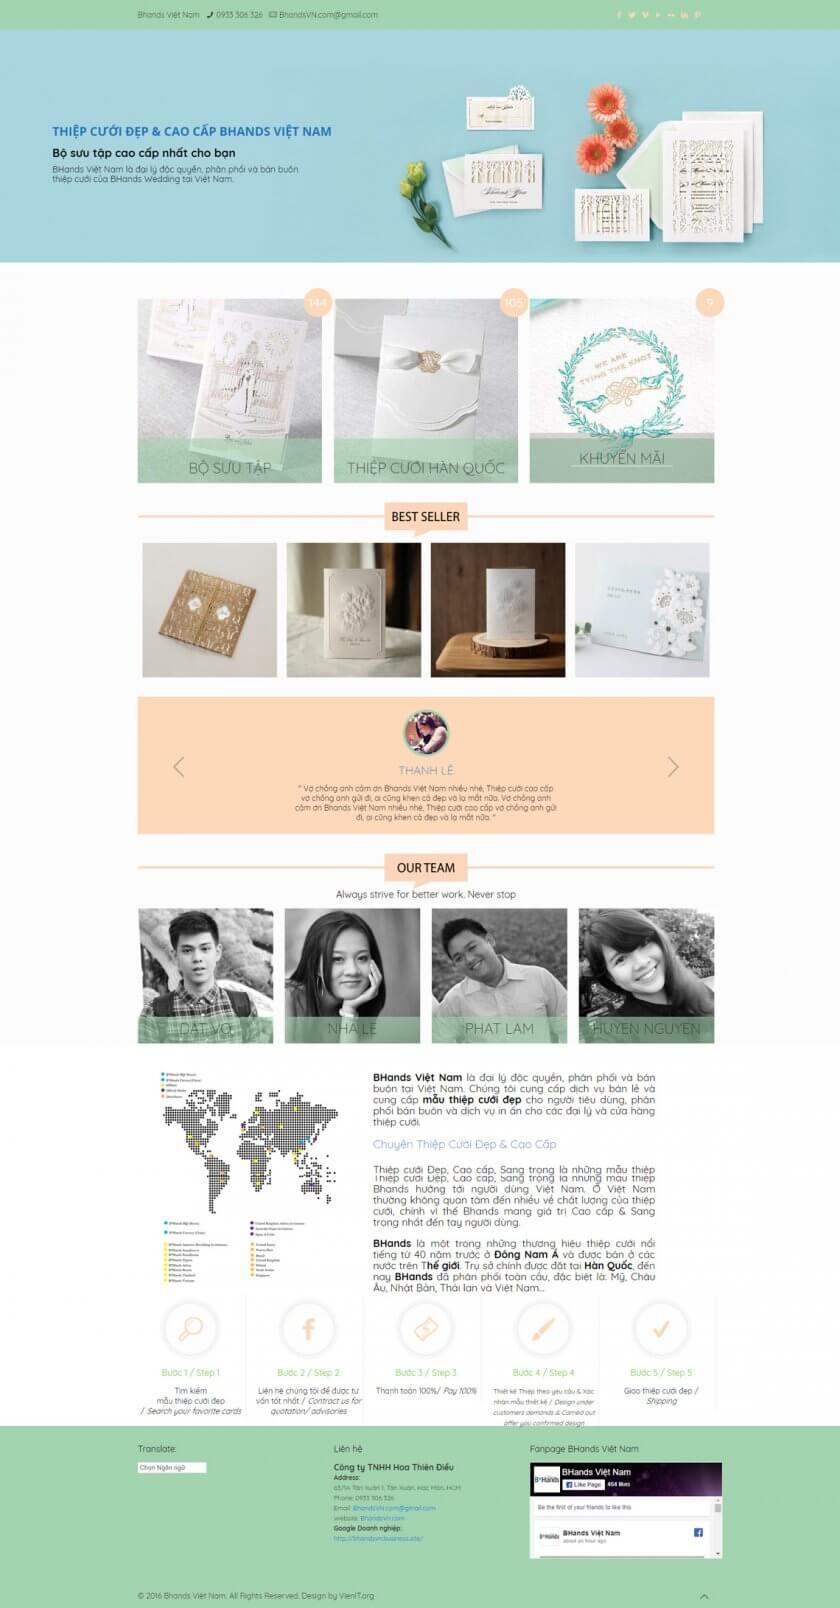 Thiết kế Website Thiệp cưới Bhands Việt Nam